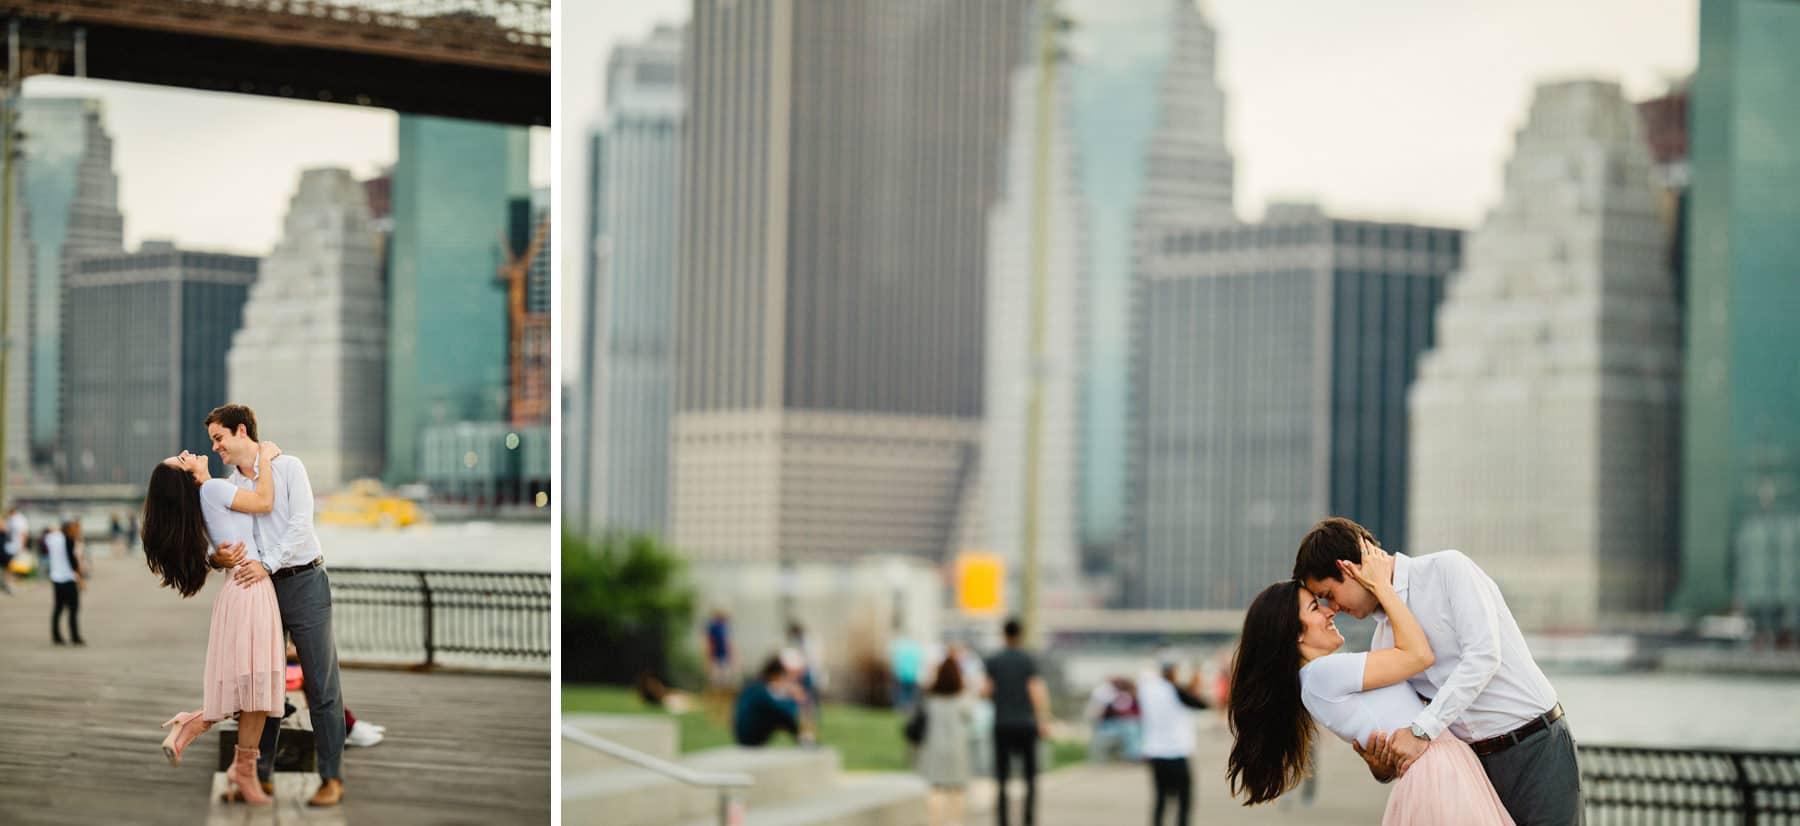 book de fotos em nova york